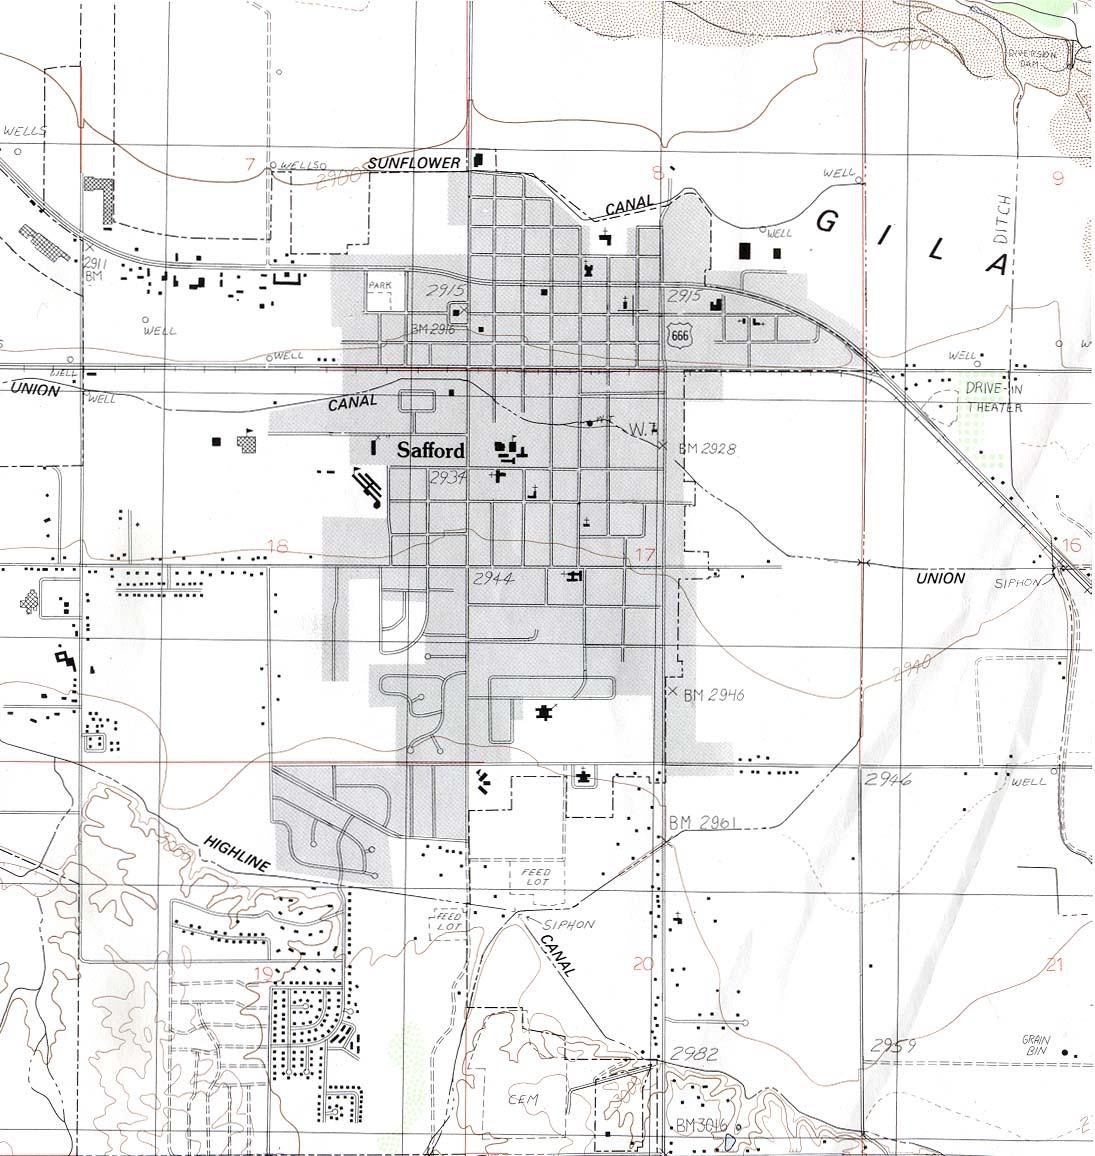 Mapa Topográfico de la Ciudad de Safford, Arizona, Estados Unidos